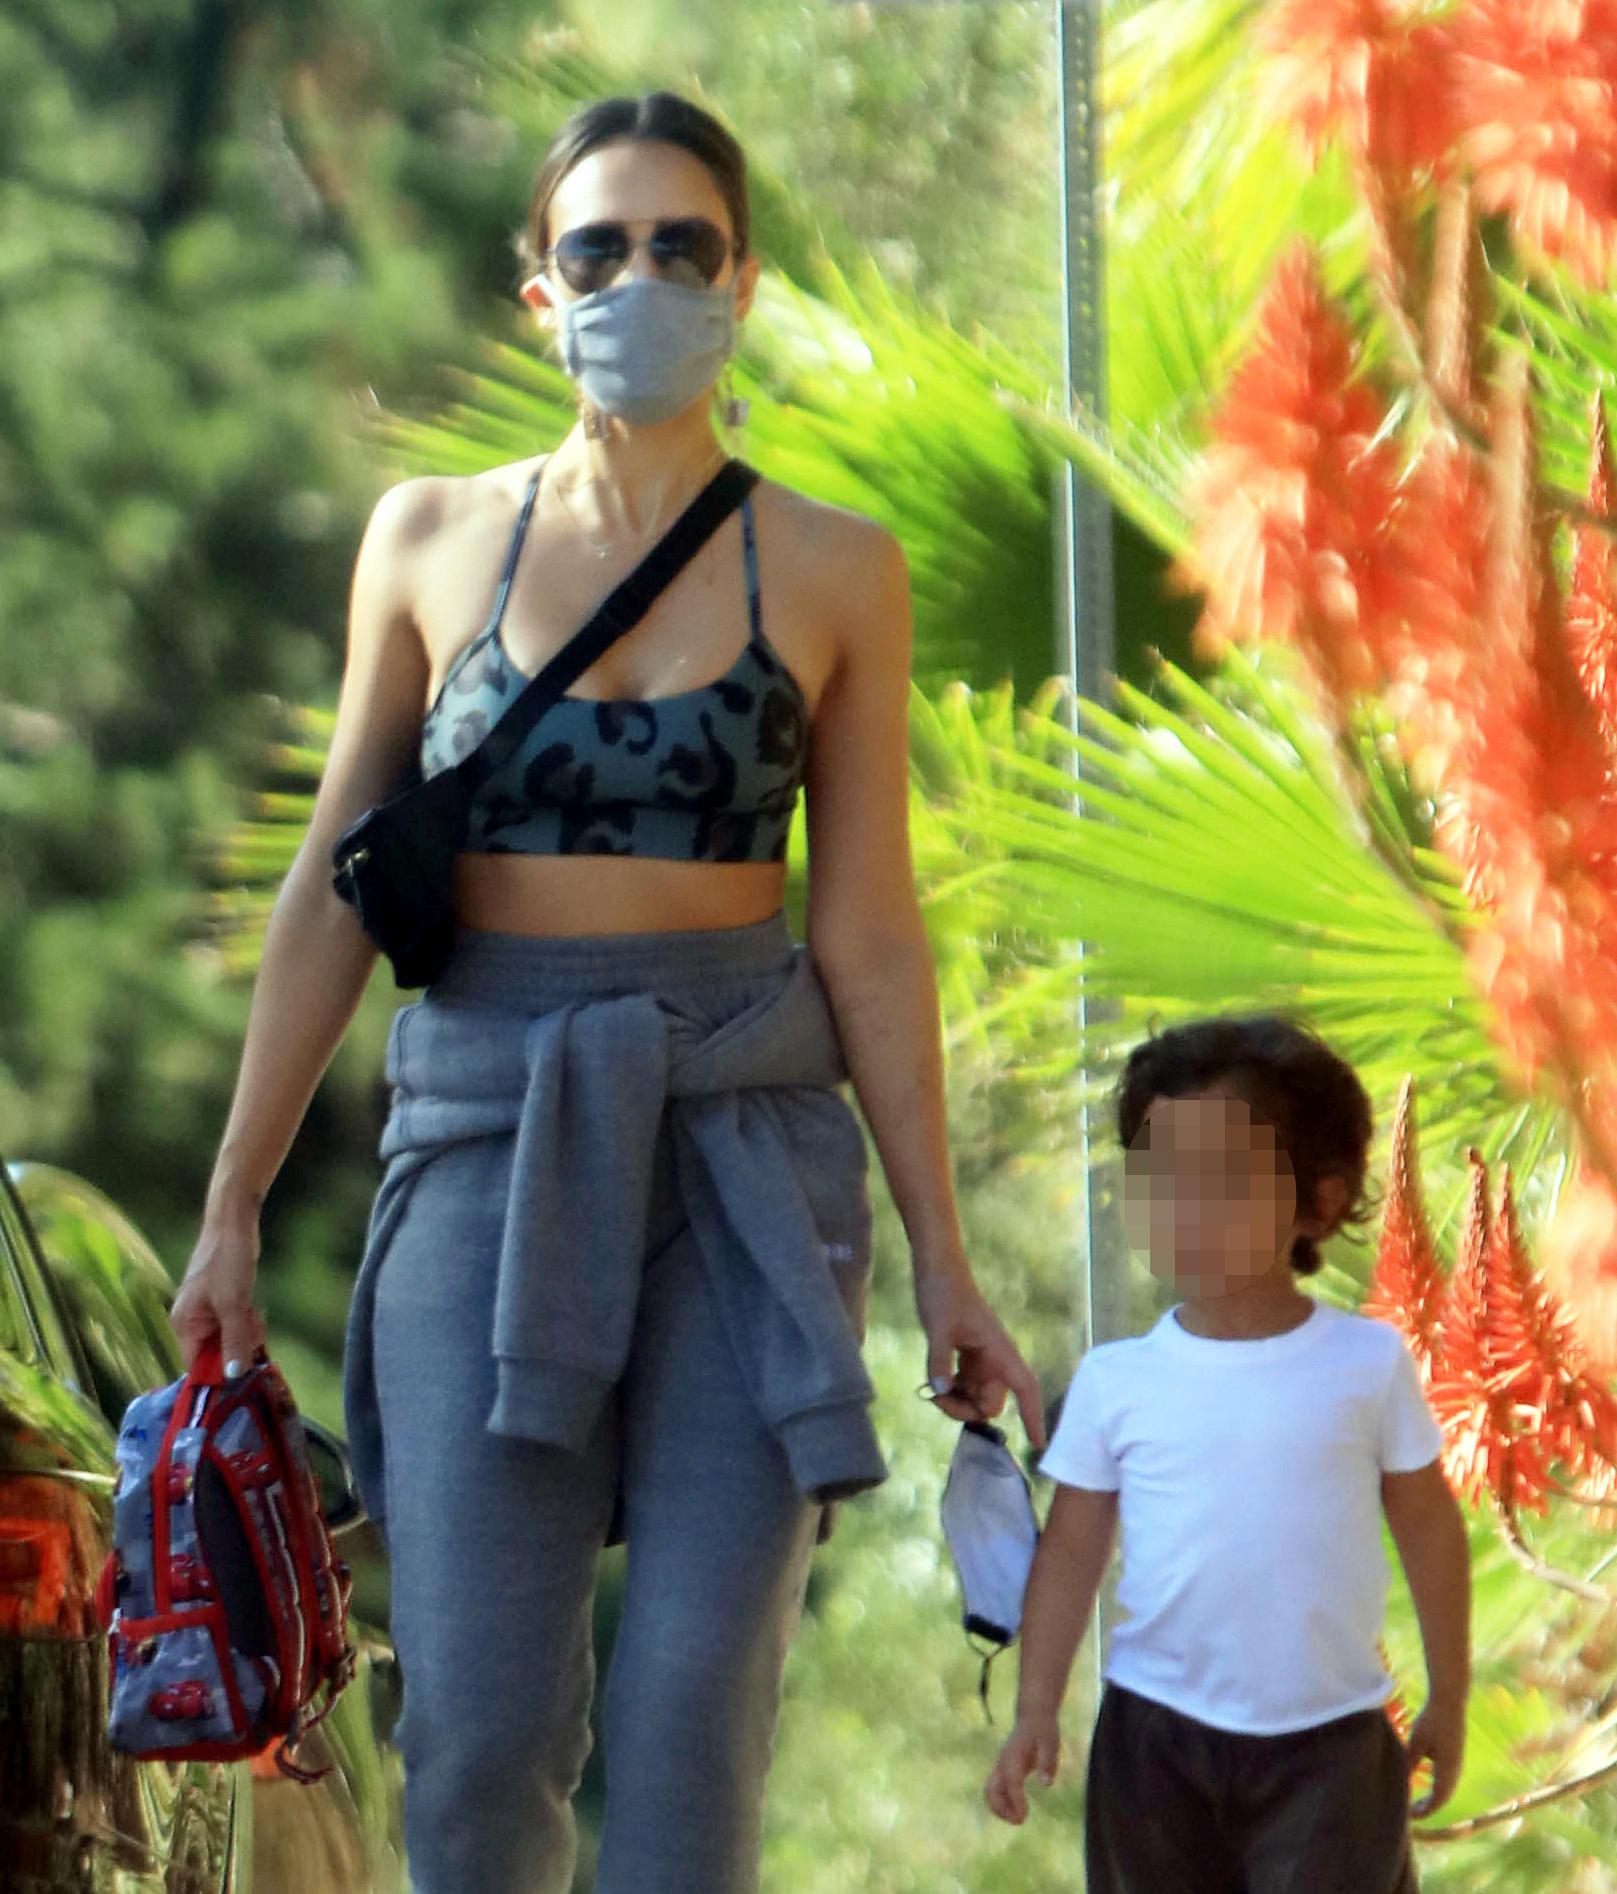 Otra que salió de paseo pero por la soleada Los Ángeles fue Jessica Alba a quien vemos acompañada de su hijo menor, Hayes.